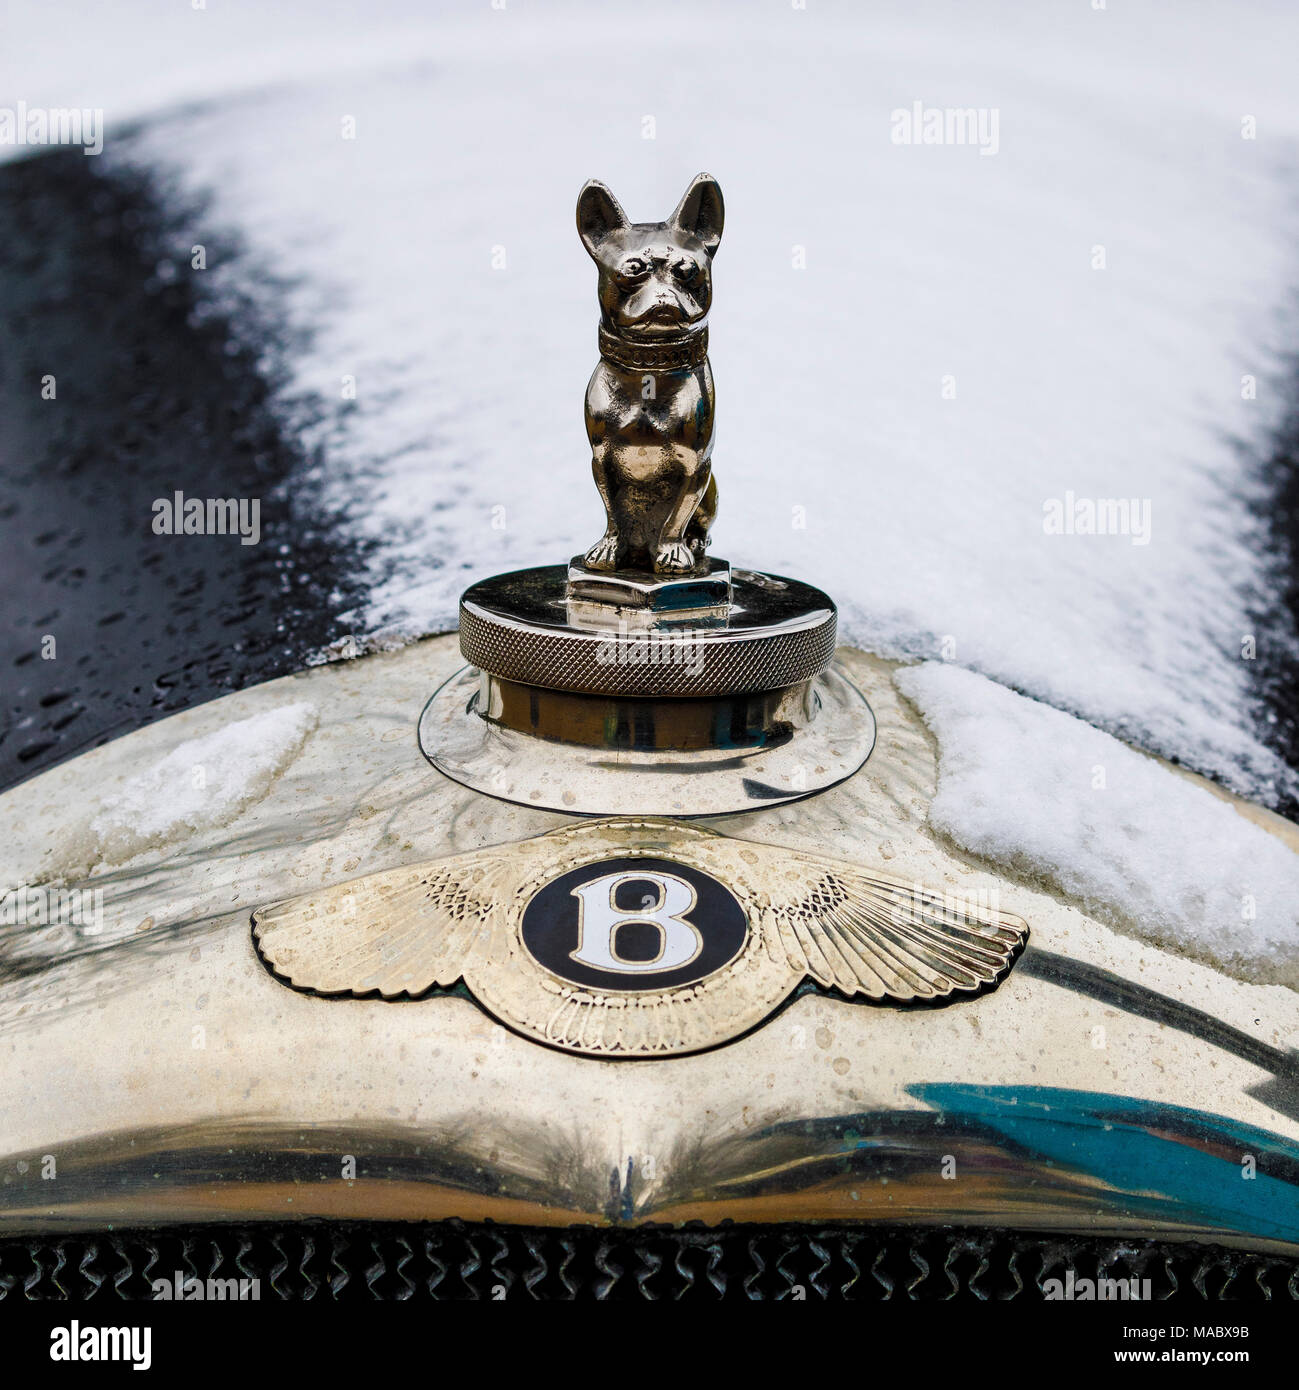 Der Bentley Motorhaube Motiv und Abzeichen an der Vorderseite eines schneebedeckten Haube. Goodwood 76th Mitgliederversammlung, Sussex, UK. Stockbild